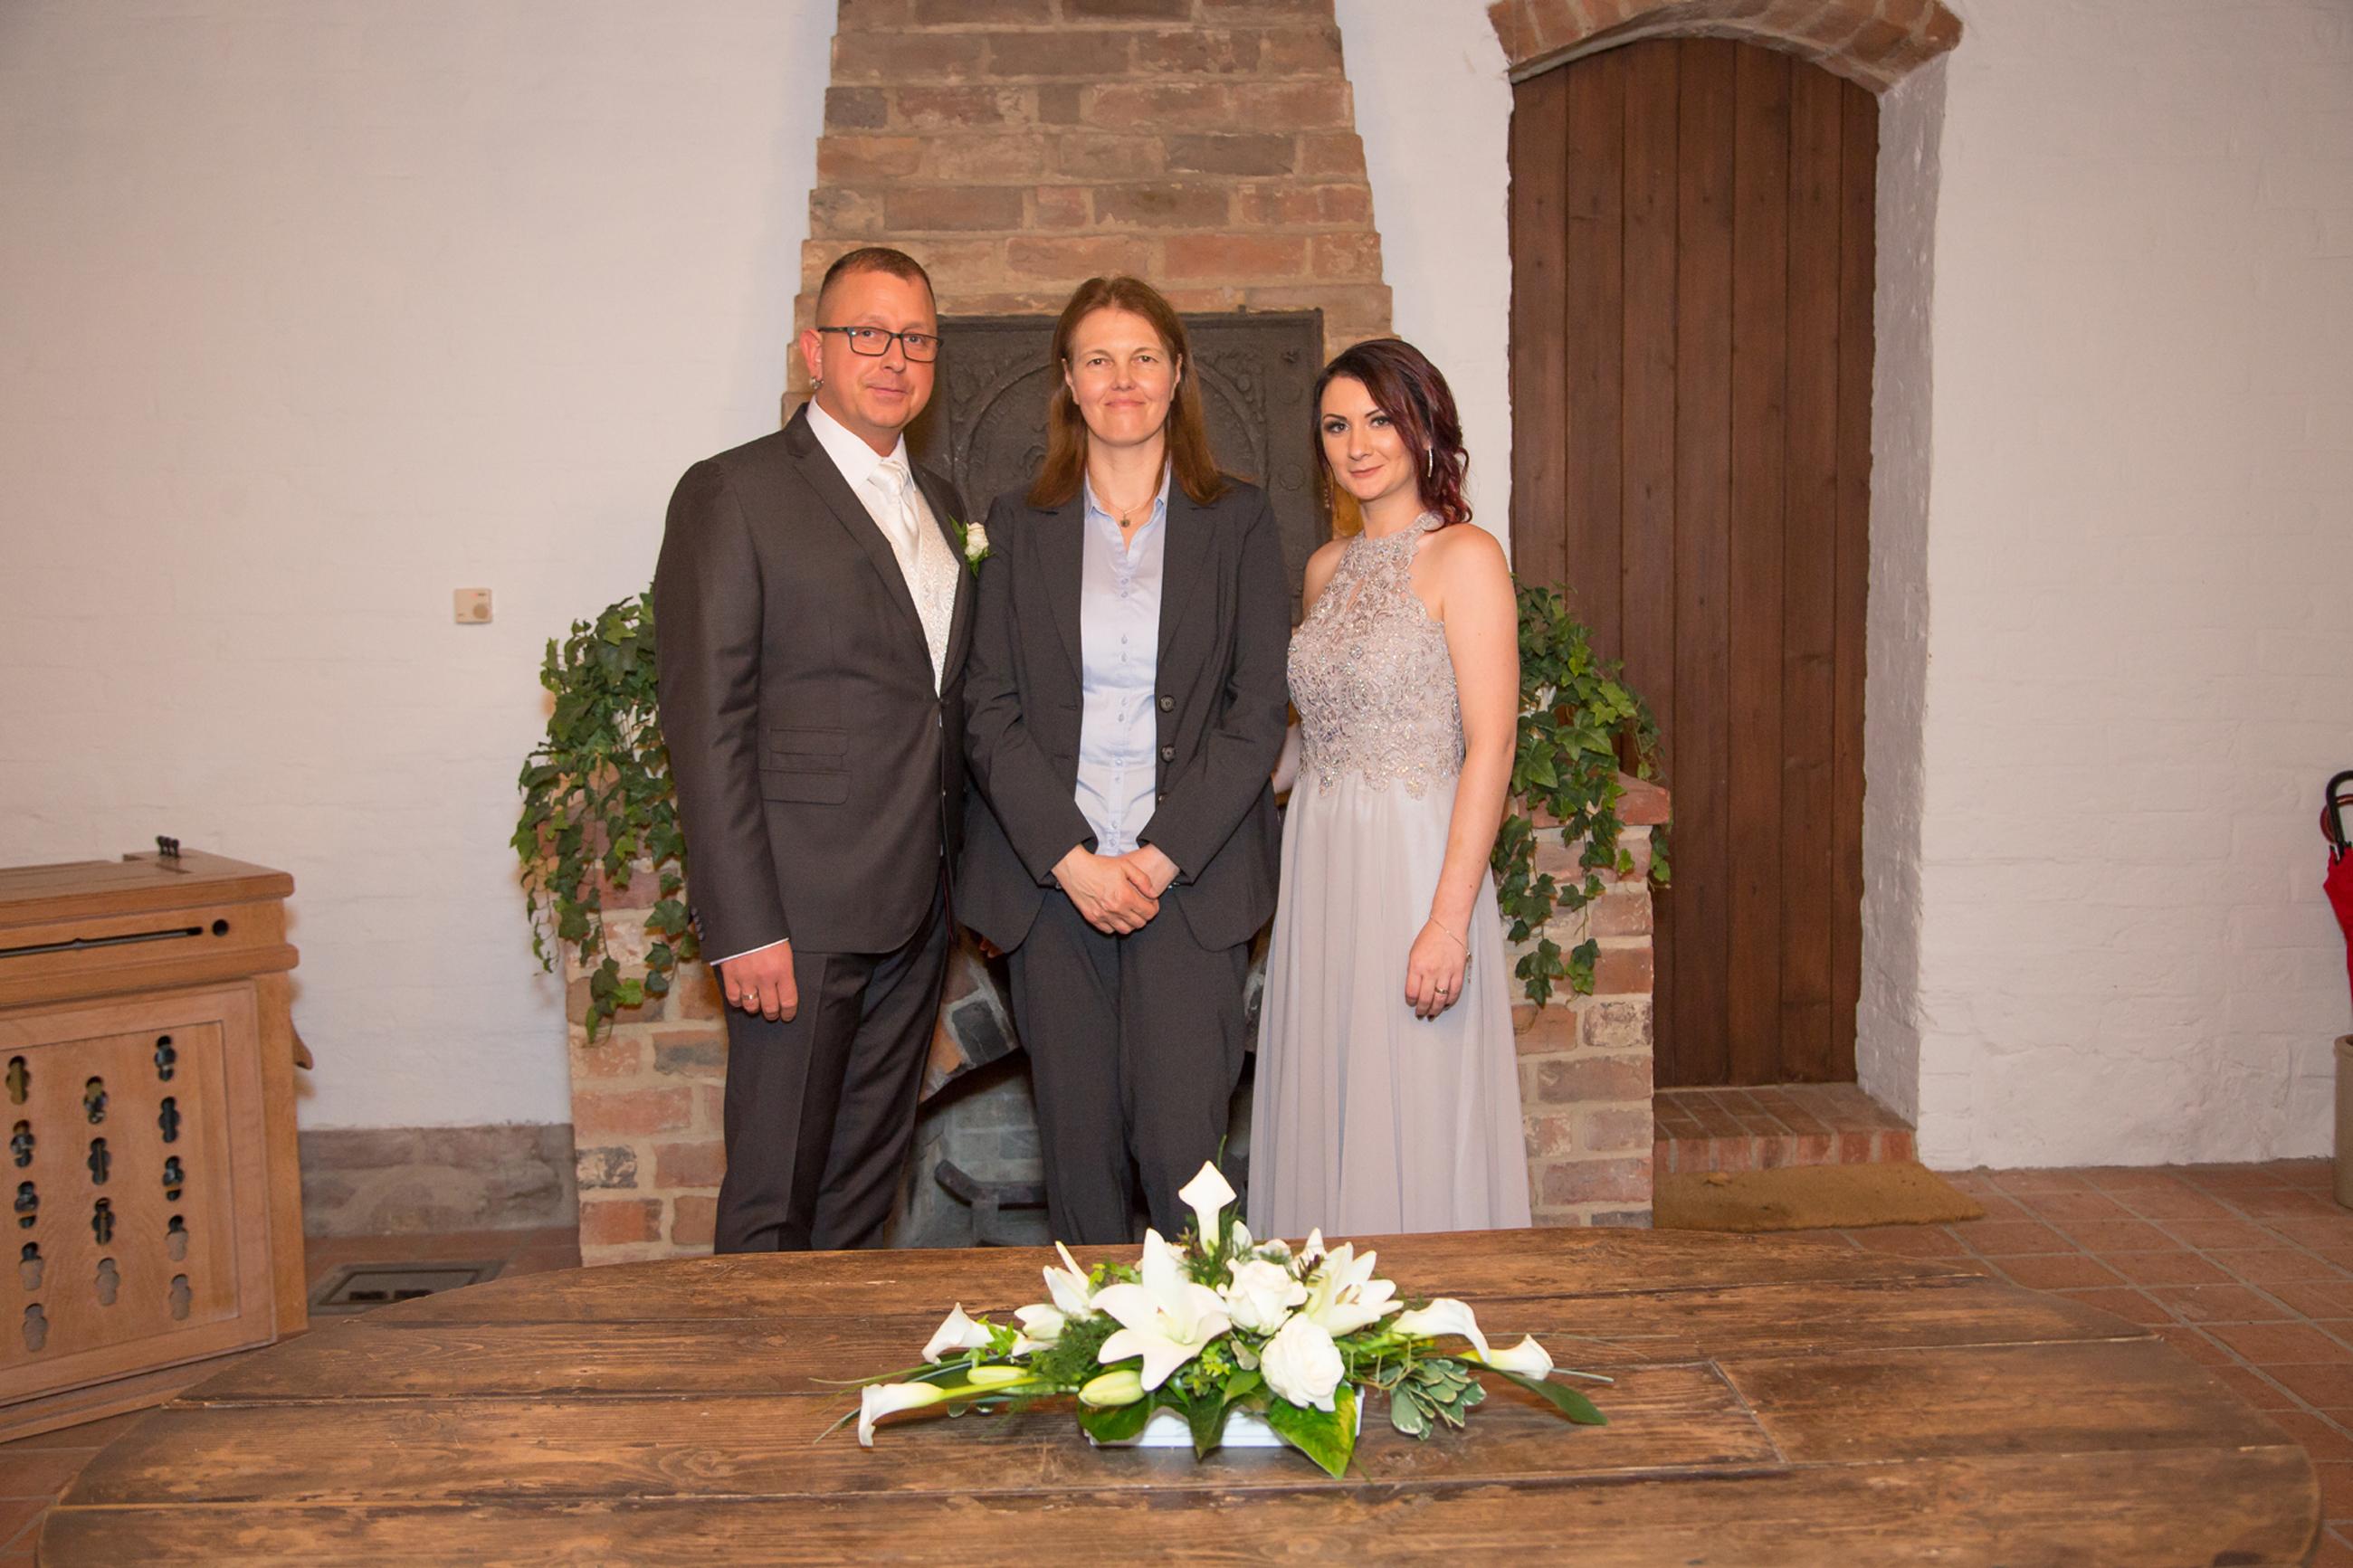 Standesamtliche Trauung im Kapitelsaal des Kloster Isenhagen